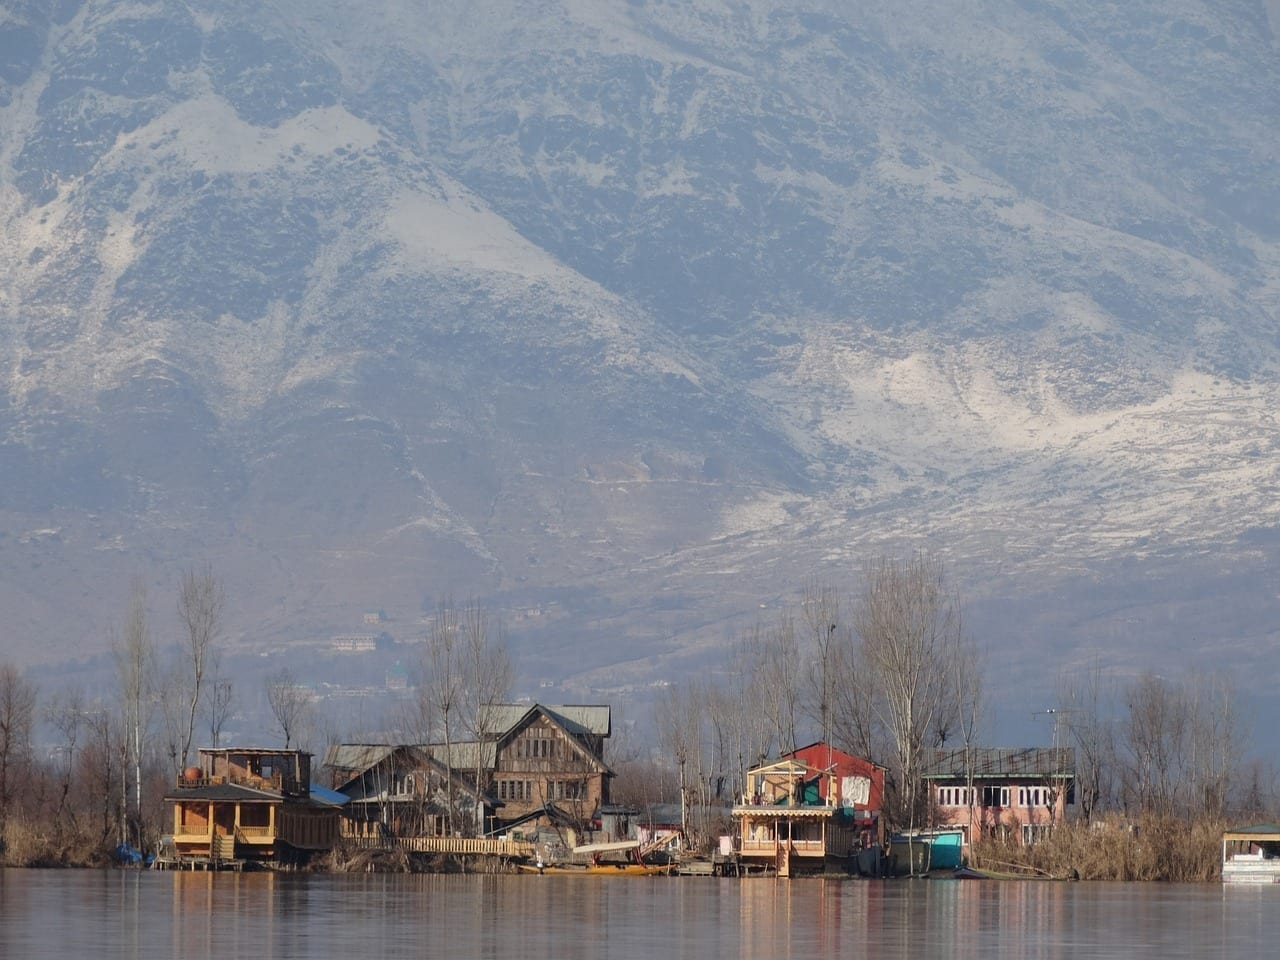 Srinagar Montaña Snow India